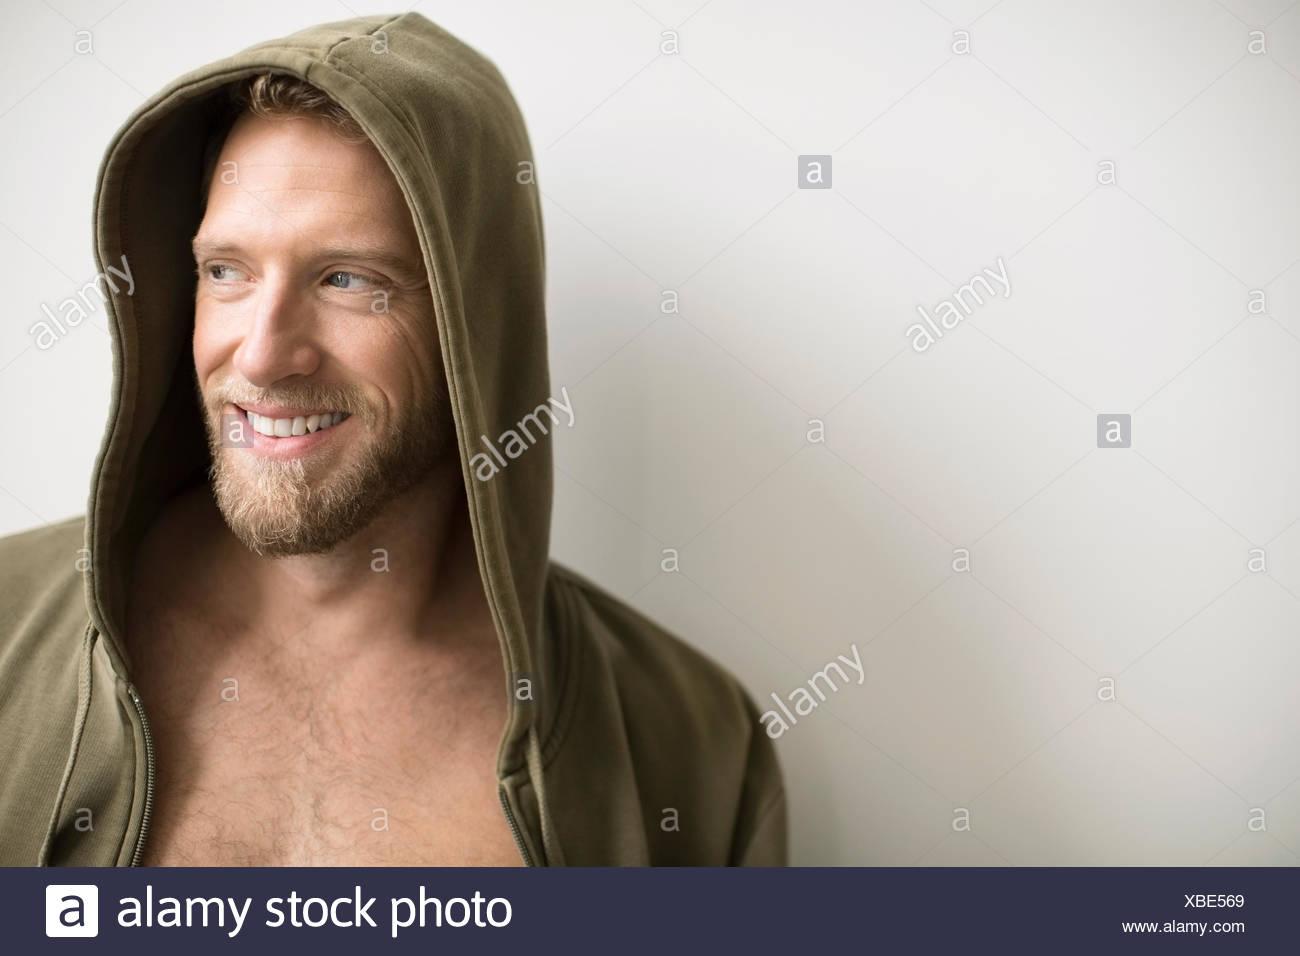 Smiling man with beard wearing hoody - Stock Image